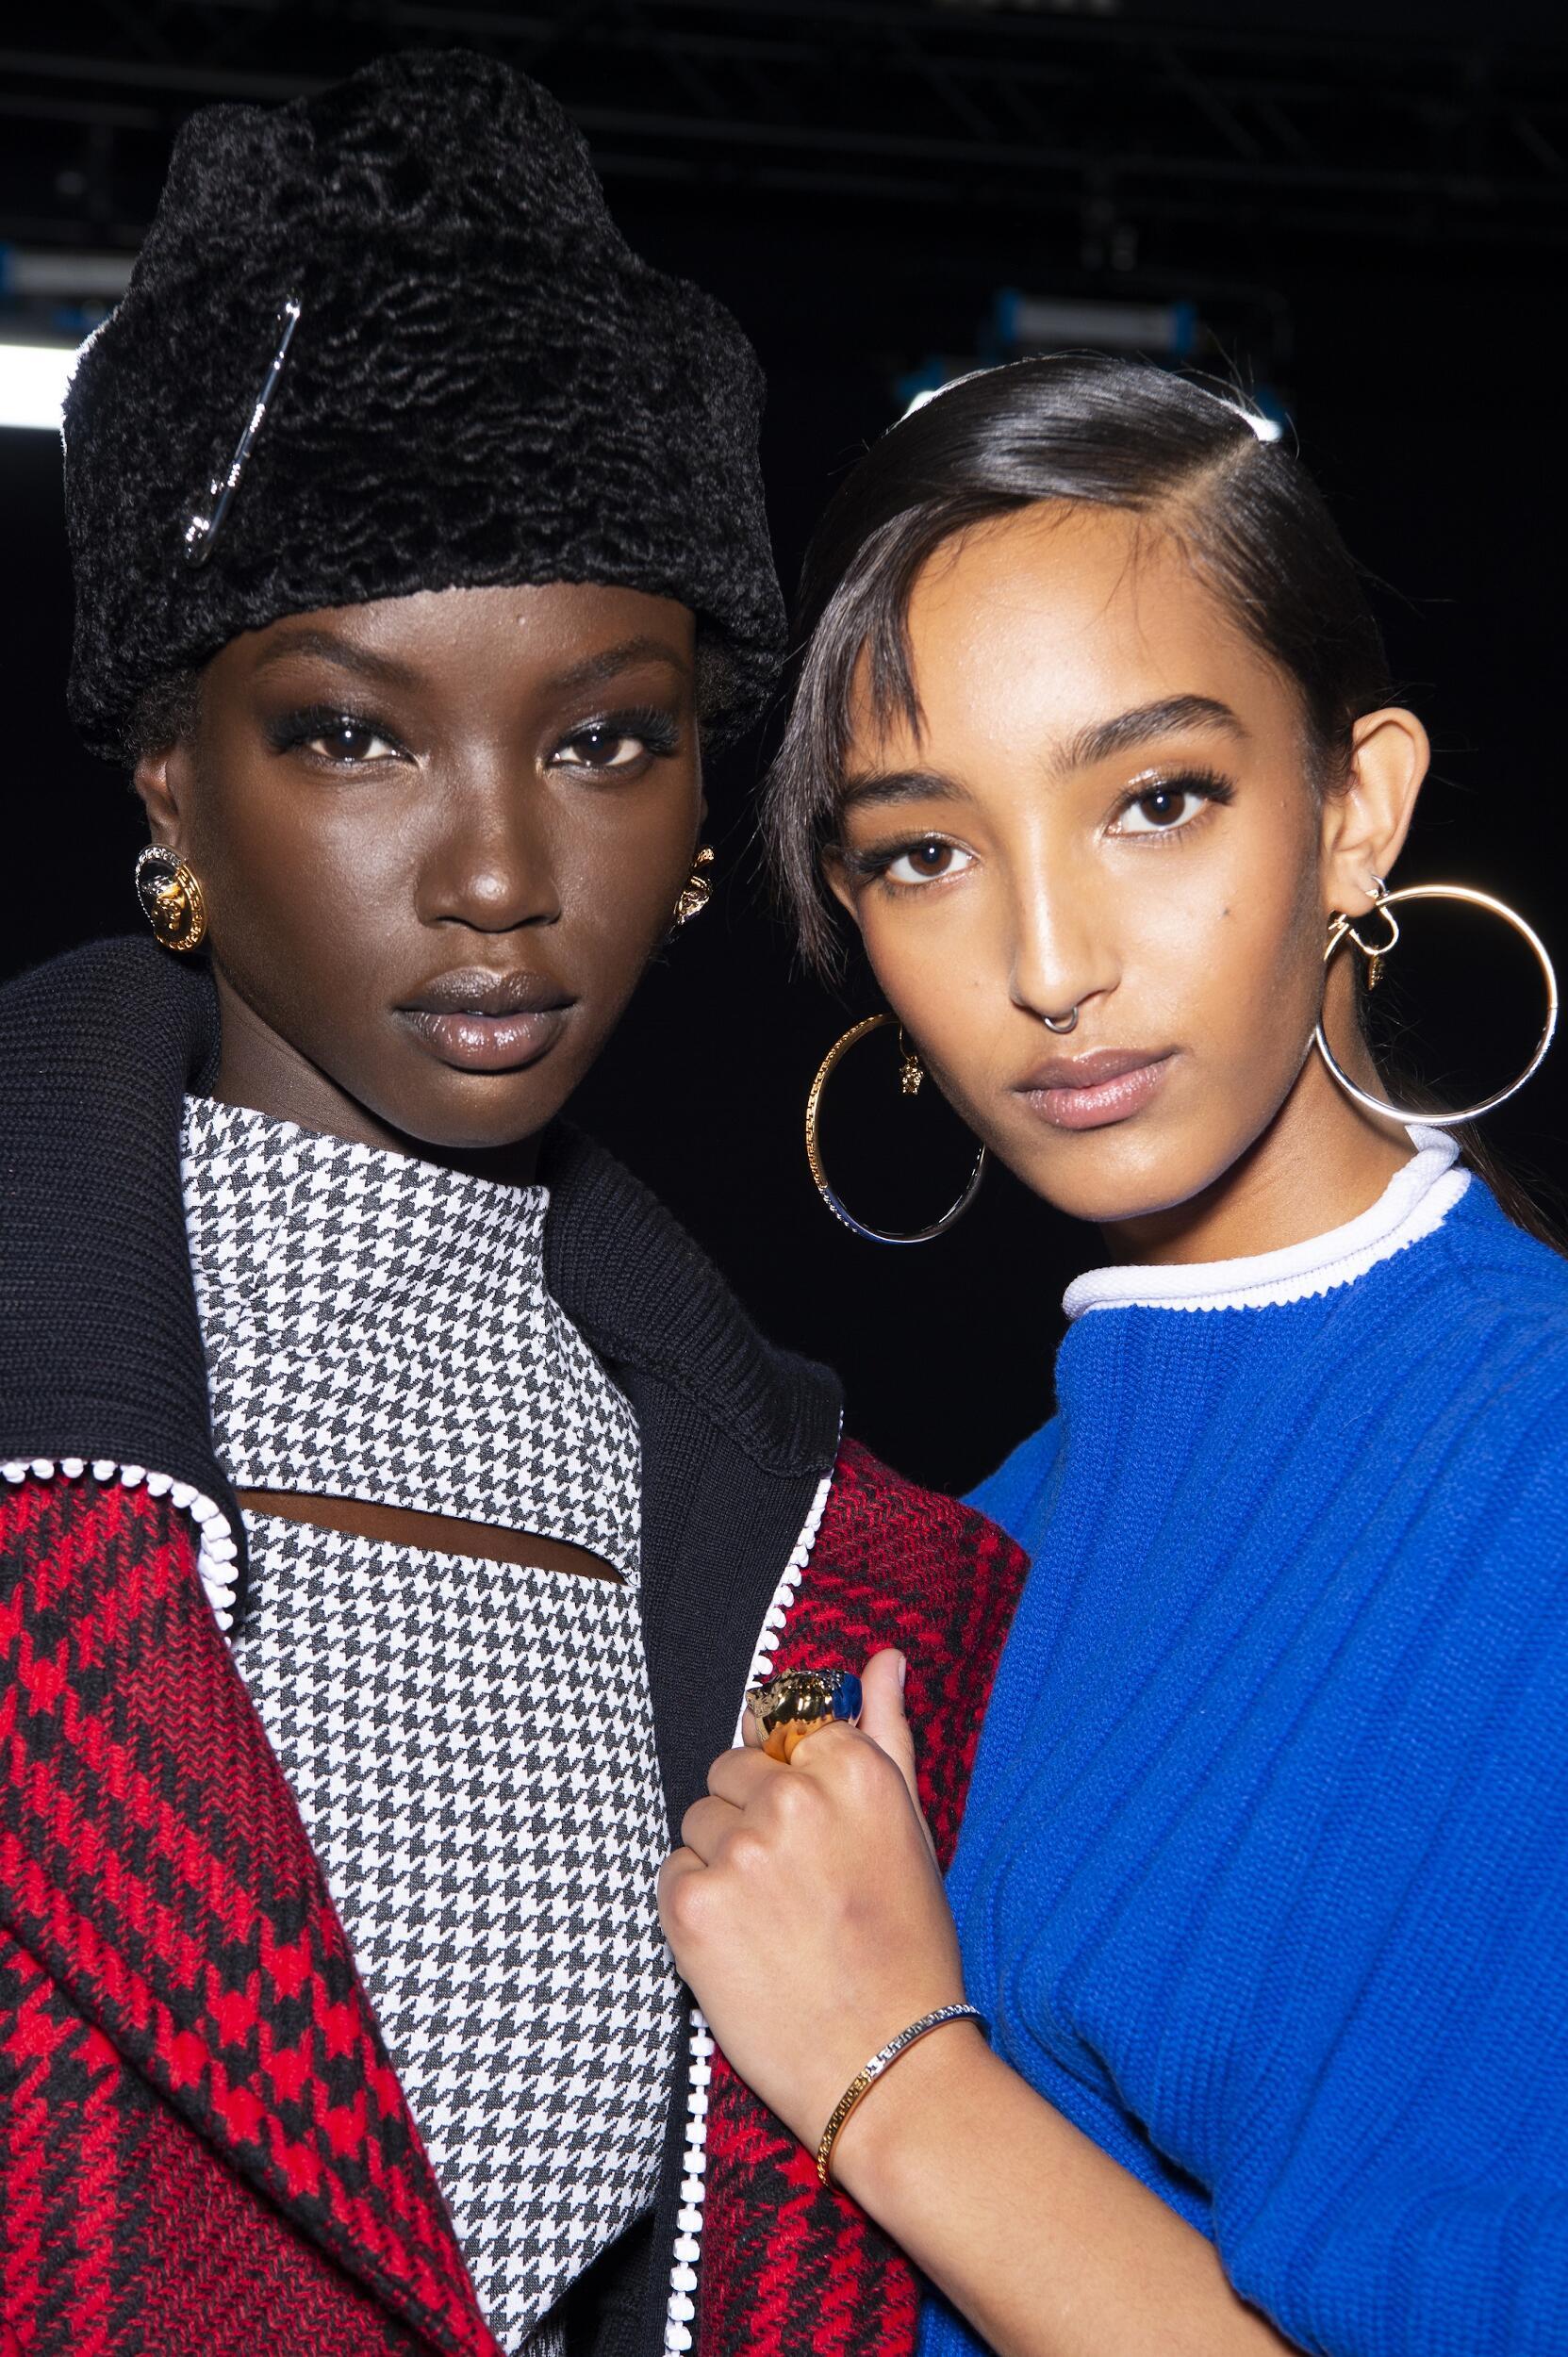 Backstage Versace Milan Fashion Week Models